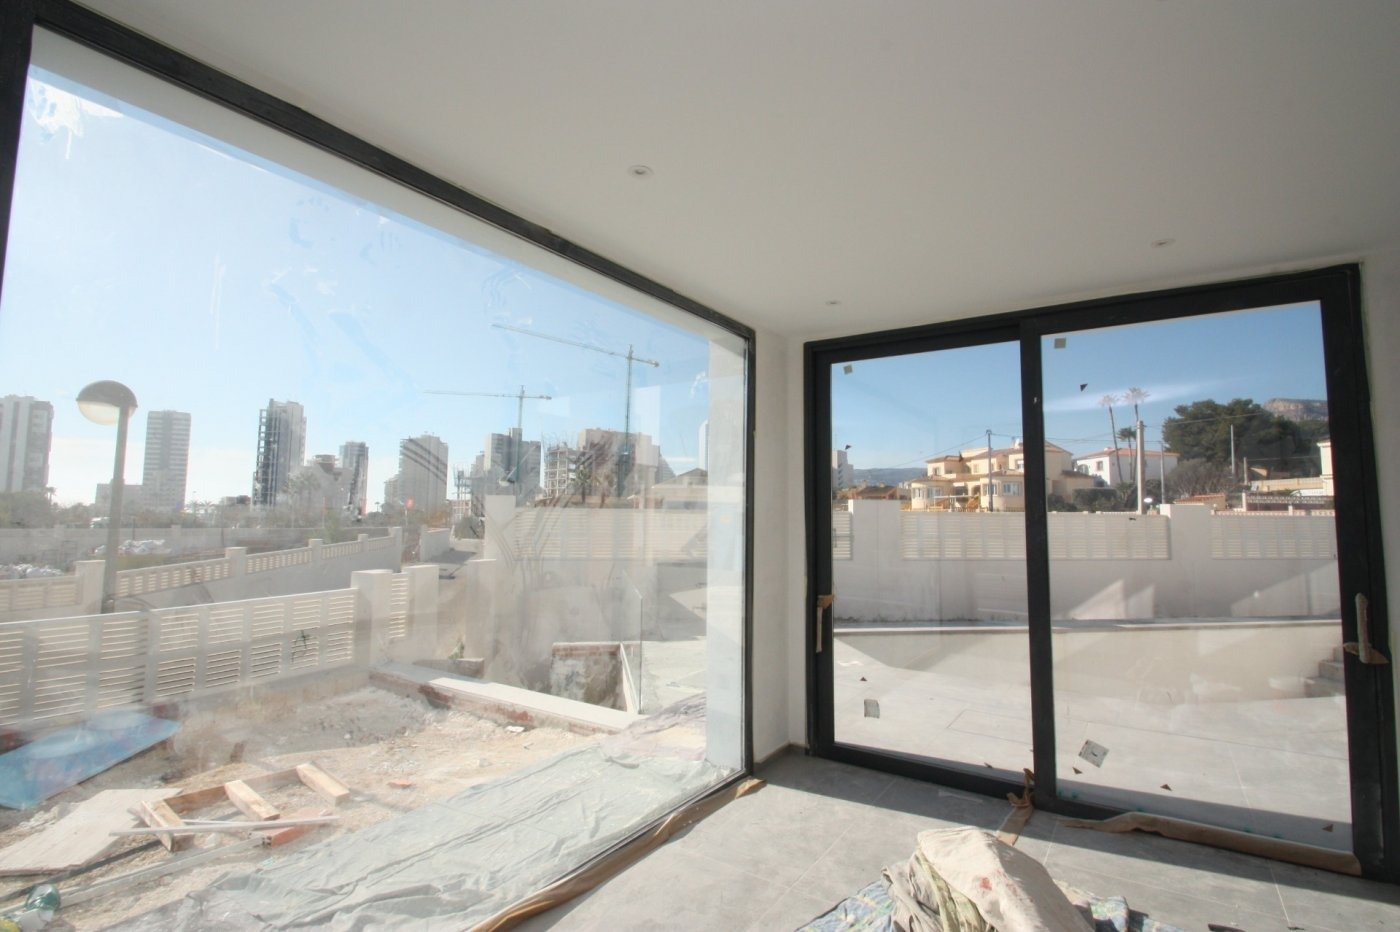 Villa de obra nueva de estilo moderno en venta en calpe a 600 m de la playa - imagenInmueble6